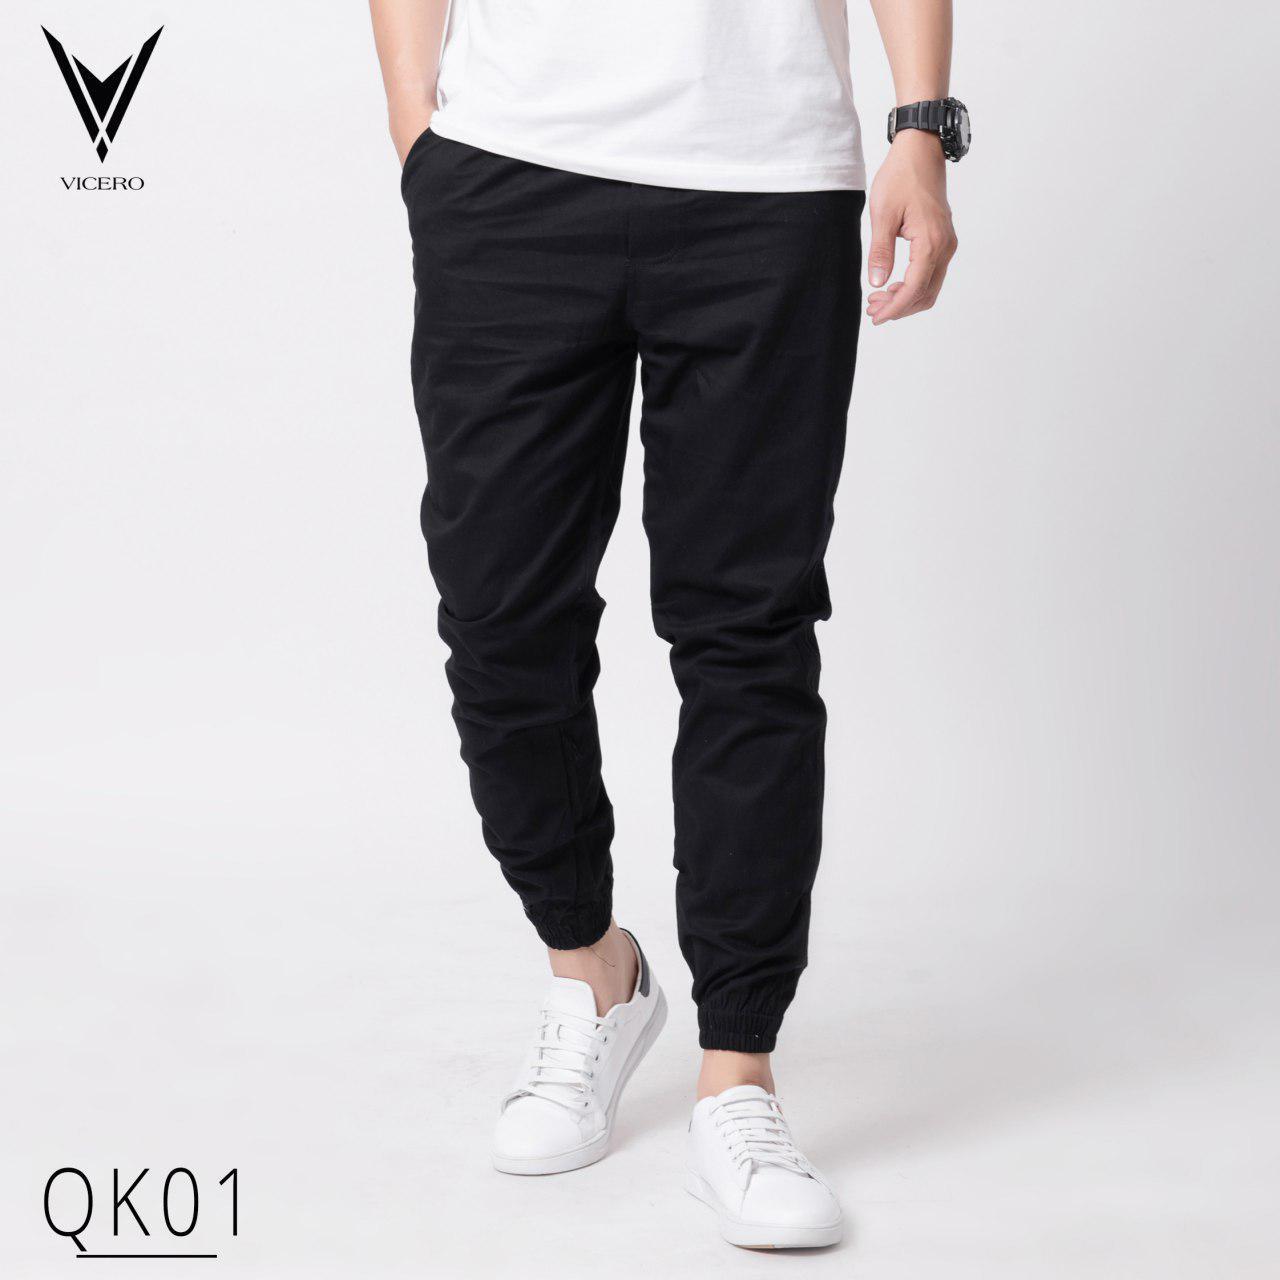 [Có video] Quần jogger nam vải kaki cao cấp thời trang Vicero phong cách hàn quốc trẻ trung, lịch lãm, dễ phối trang phục